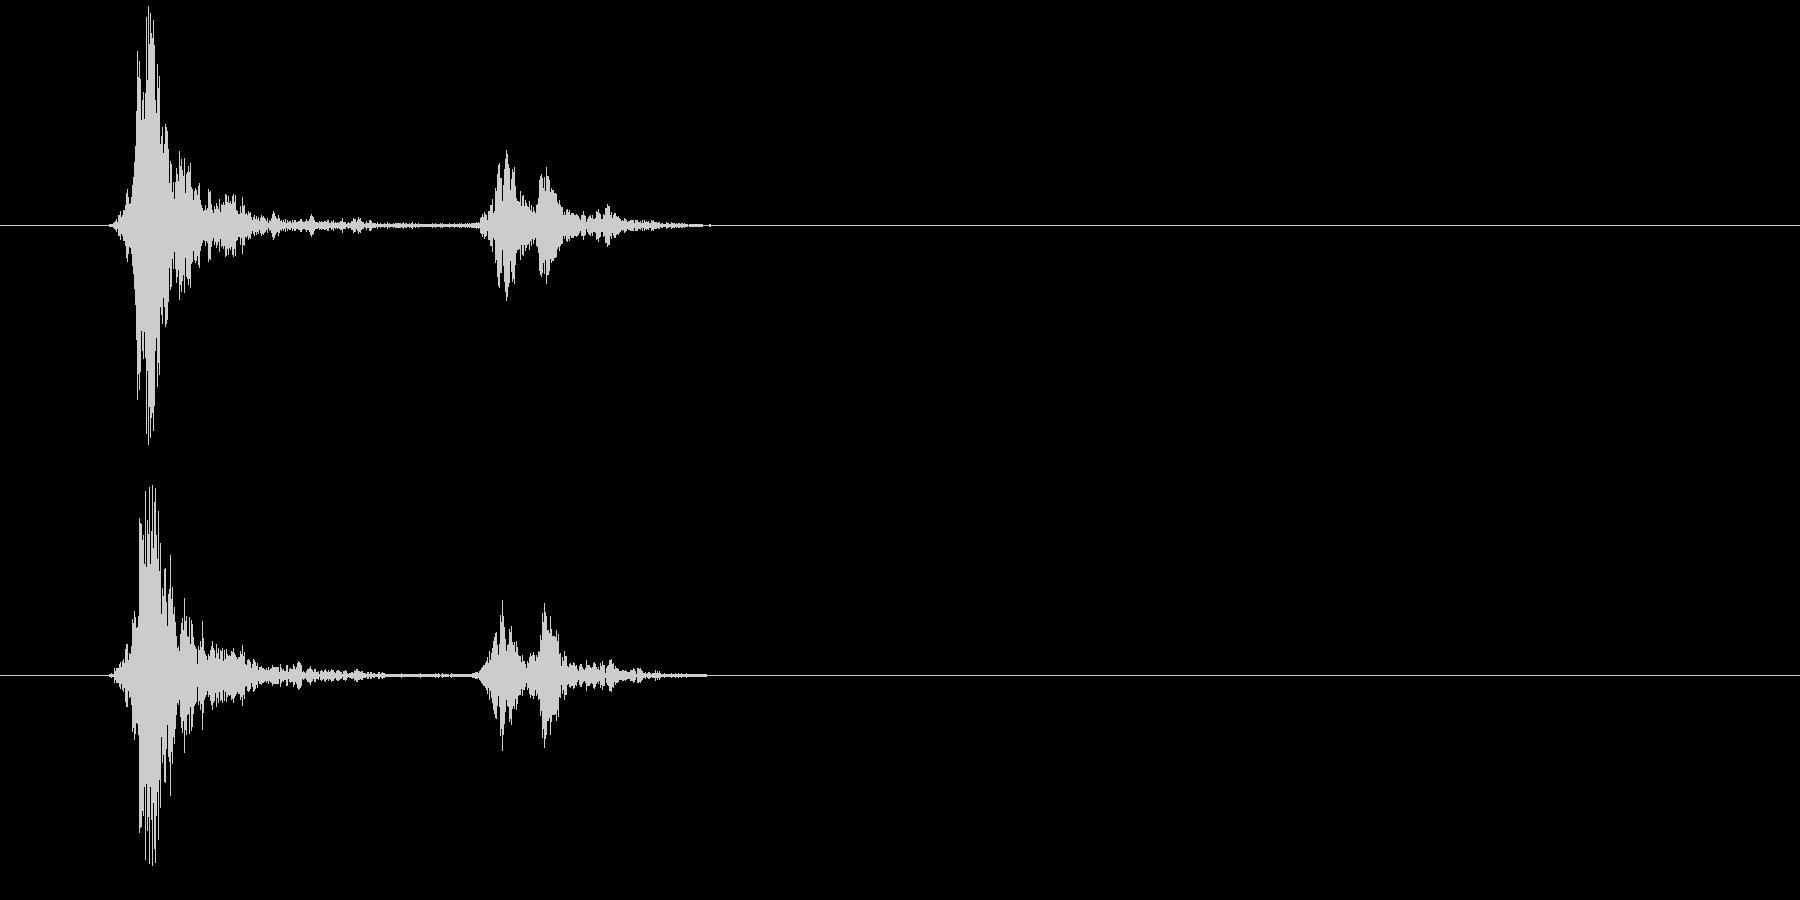 152スウィッチ音3の未再生の波形